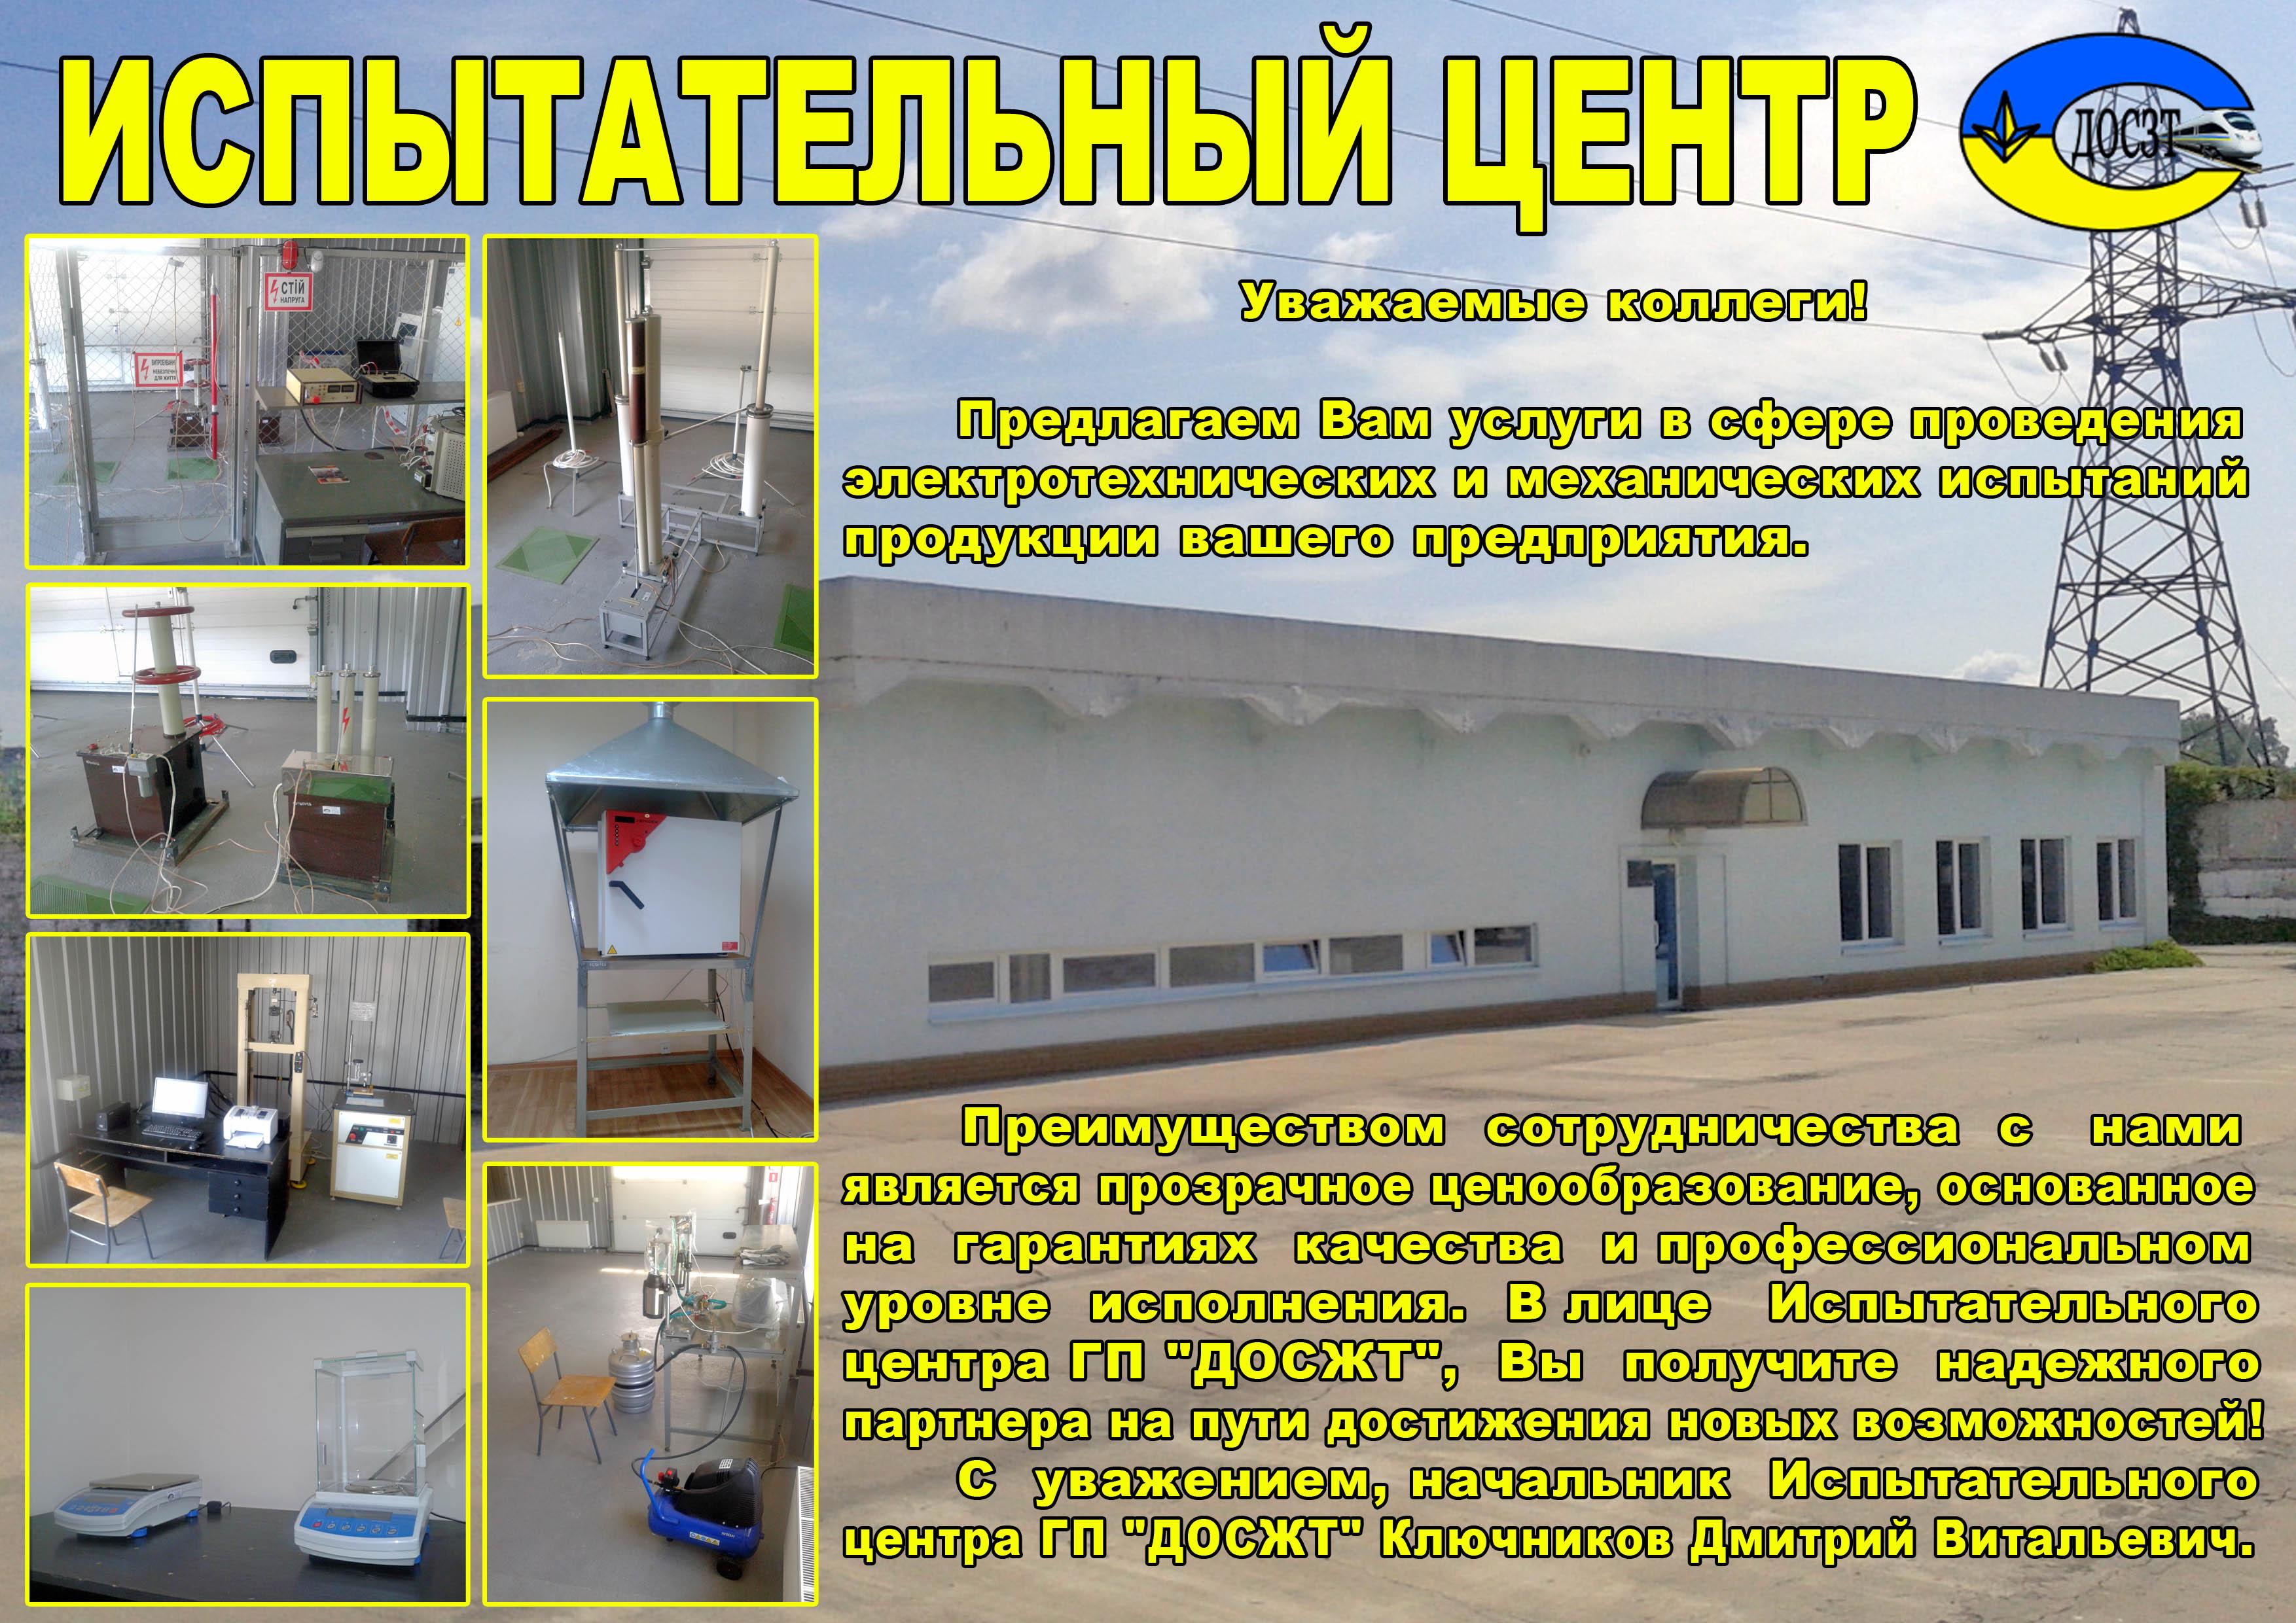 ИЦ_фото 1 рус